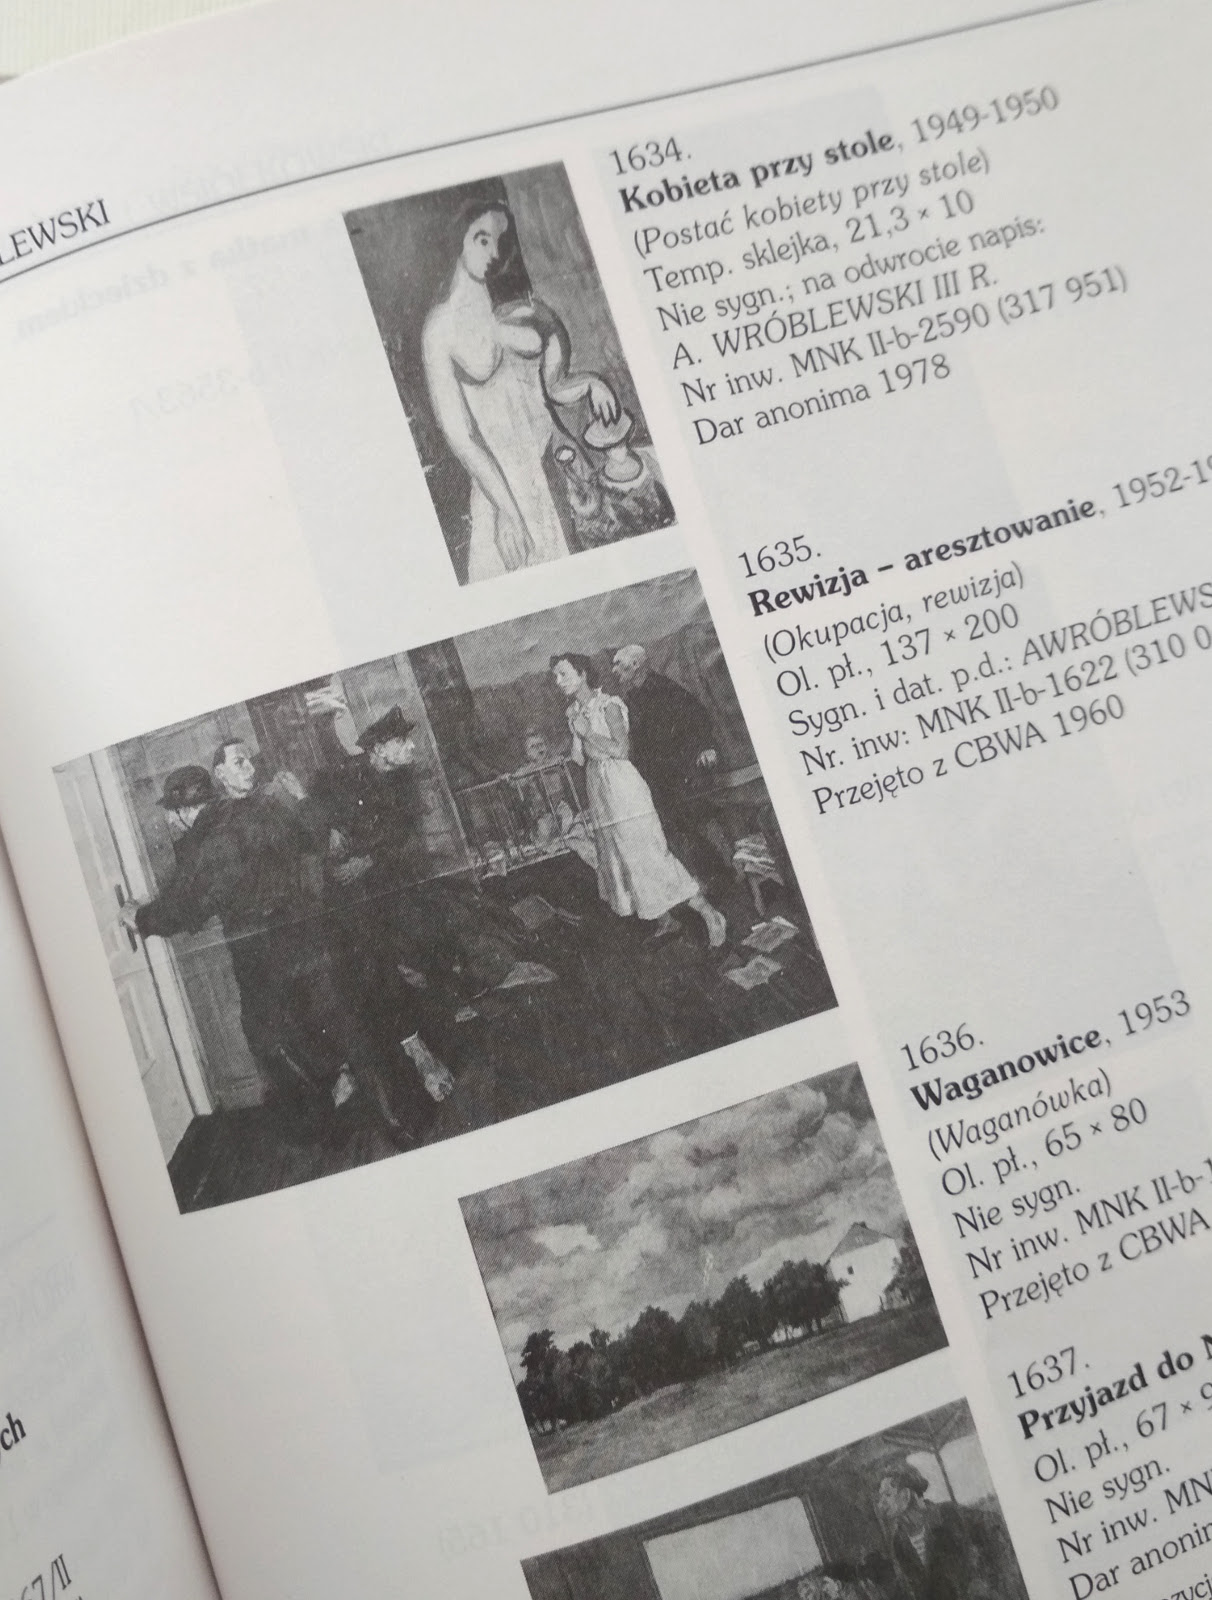 Katalog prac Andrzeja Wróblewskiego znajdujących się w Muzeum Narodowym w Krakowie